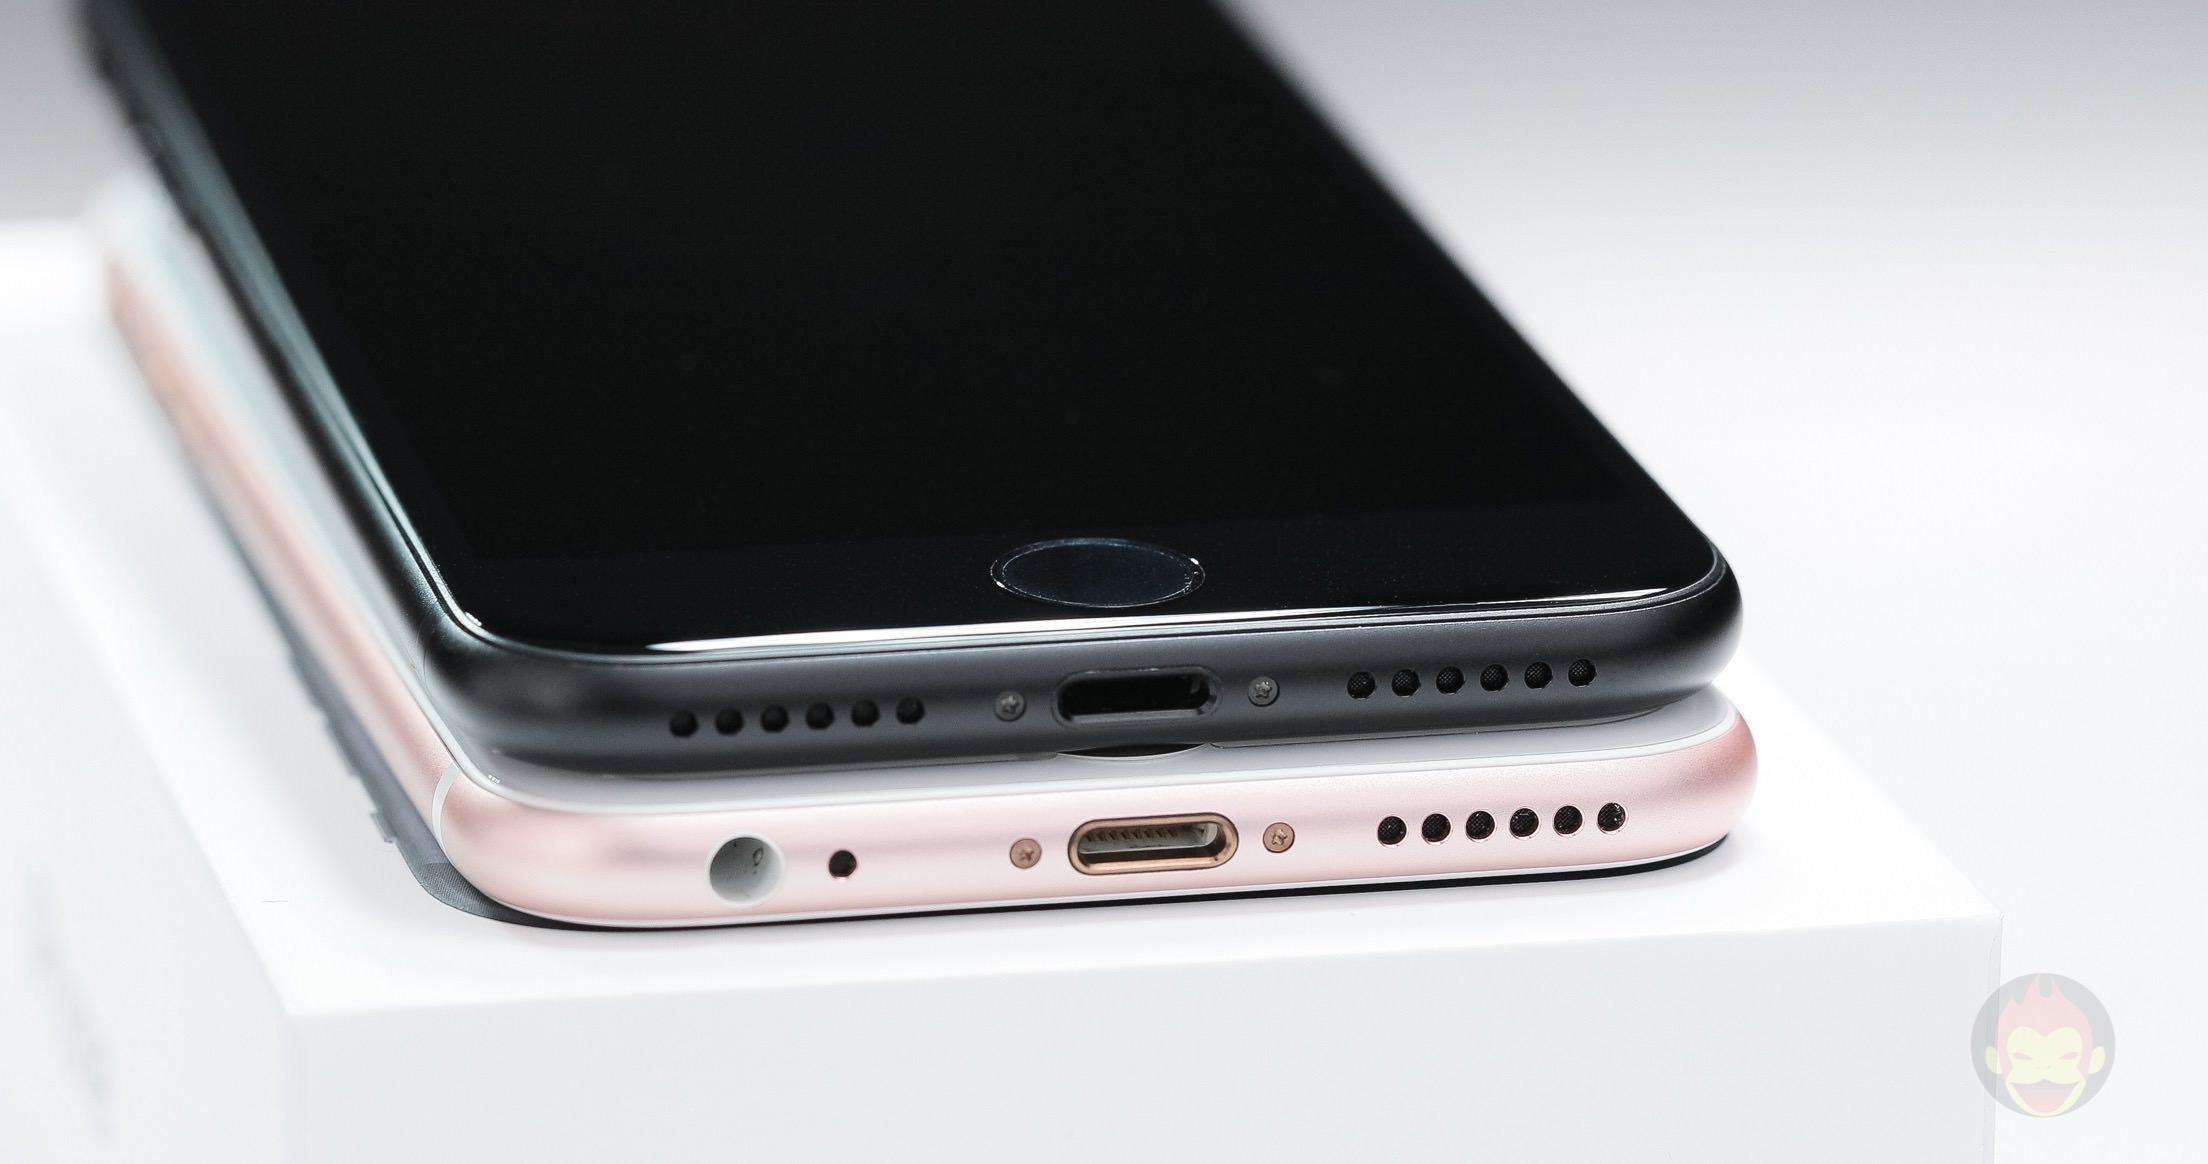 IPhone 7 iPhone 6s Comparison